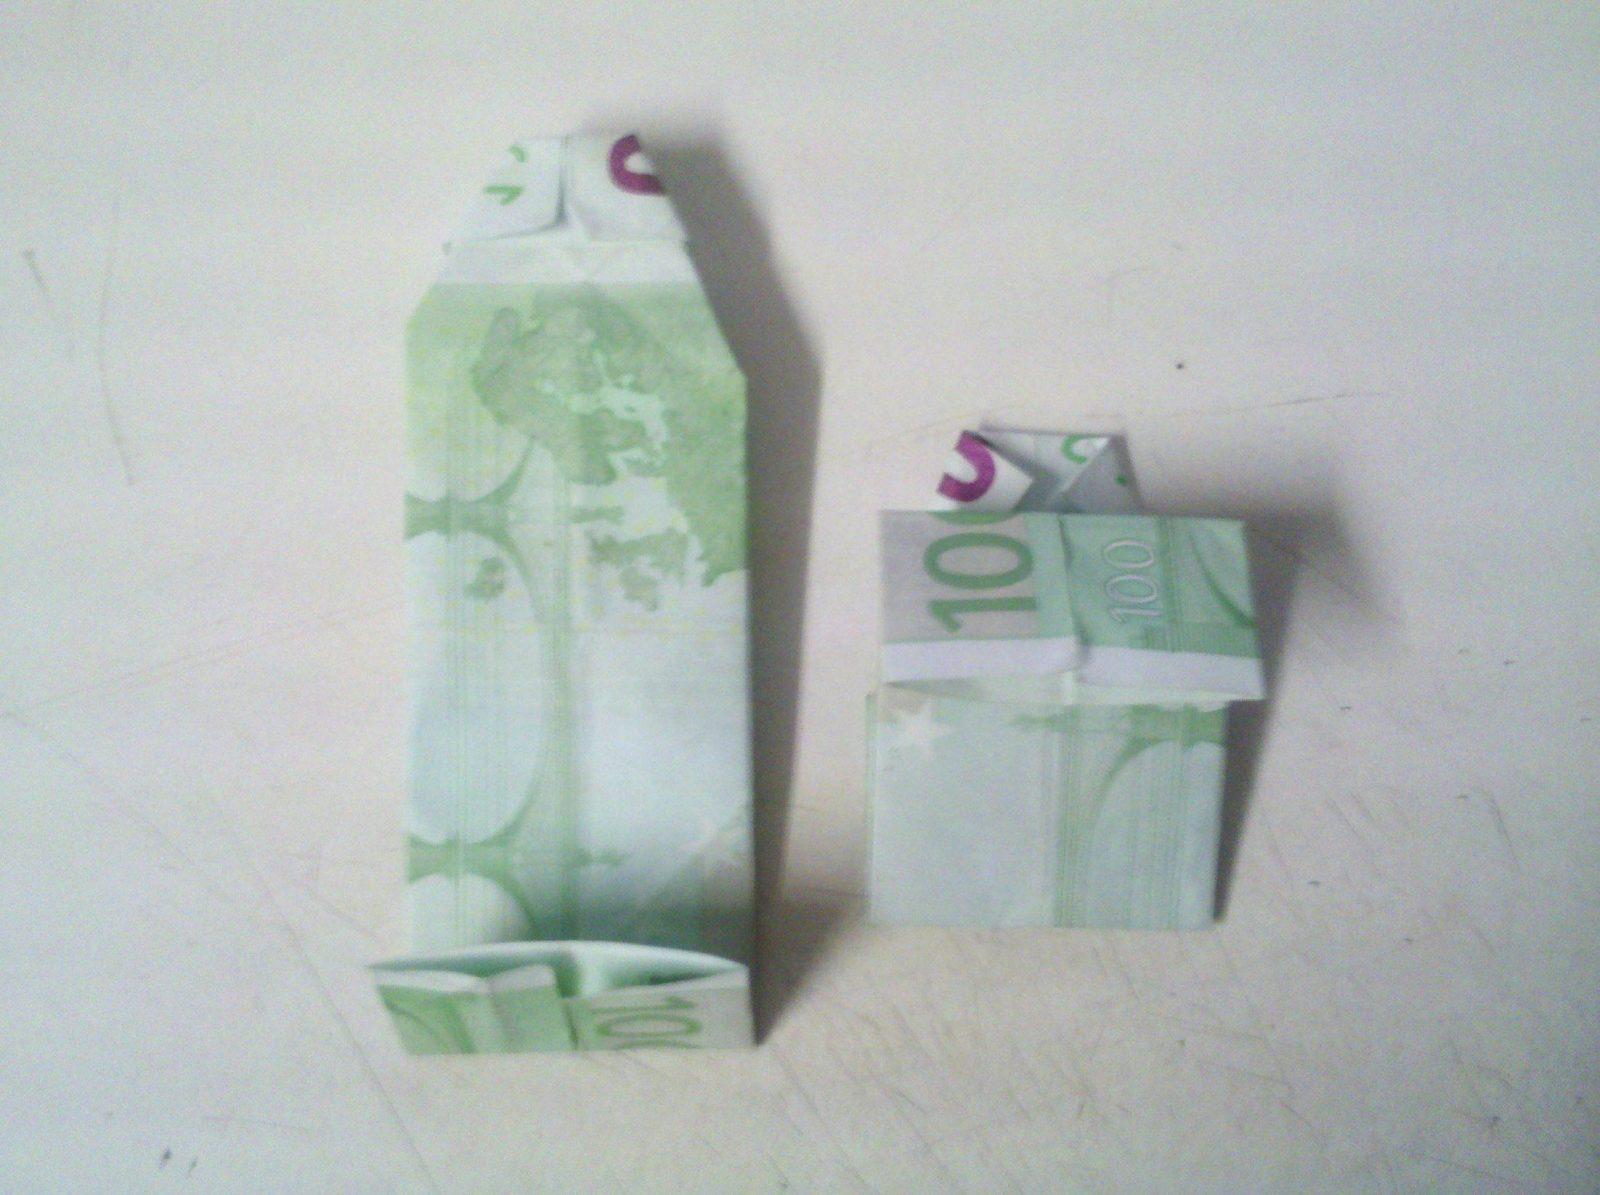 Hemd Aus Geldschein Falten  Origami Mit Geldscheinen von Geld Zum Hemd Falten Photo